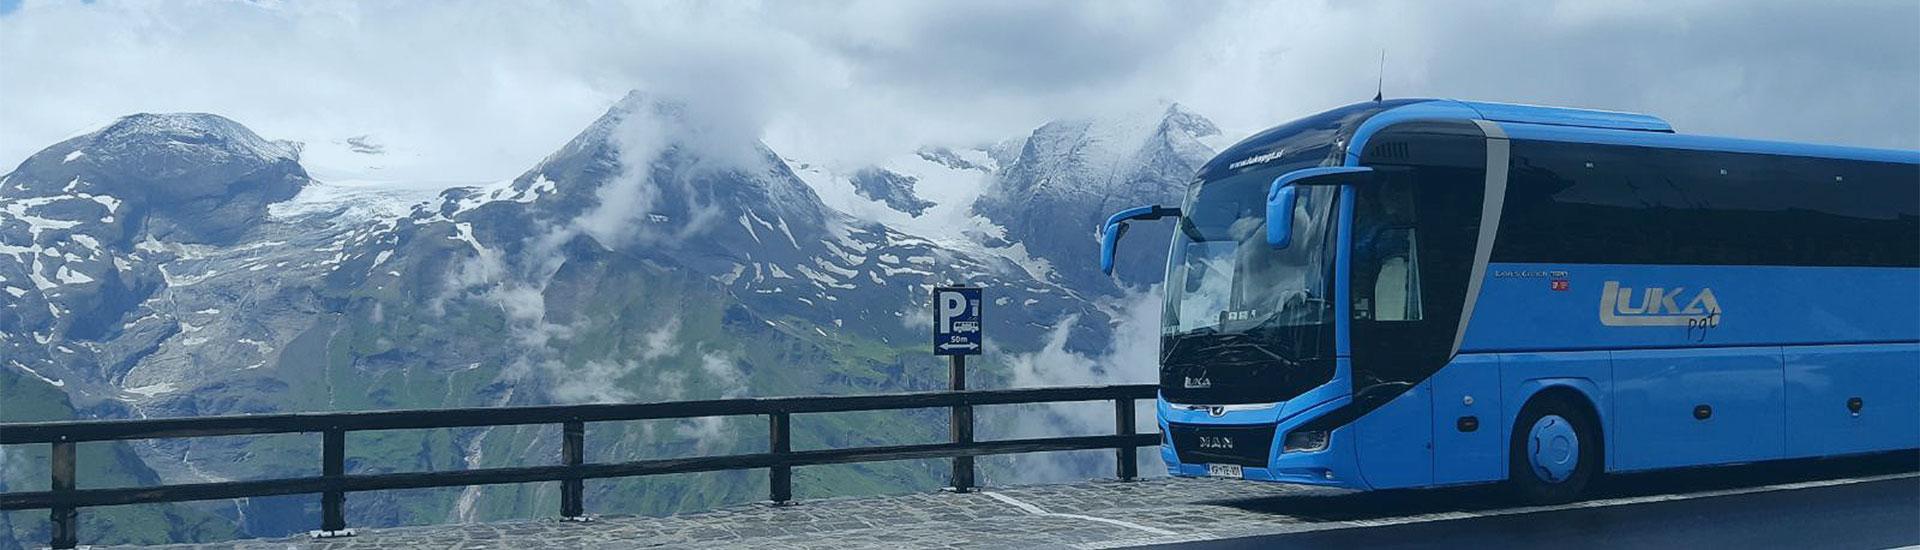 Luka PGT avtobusni prevozi